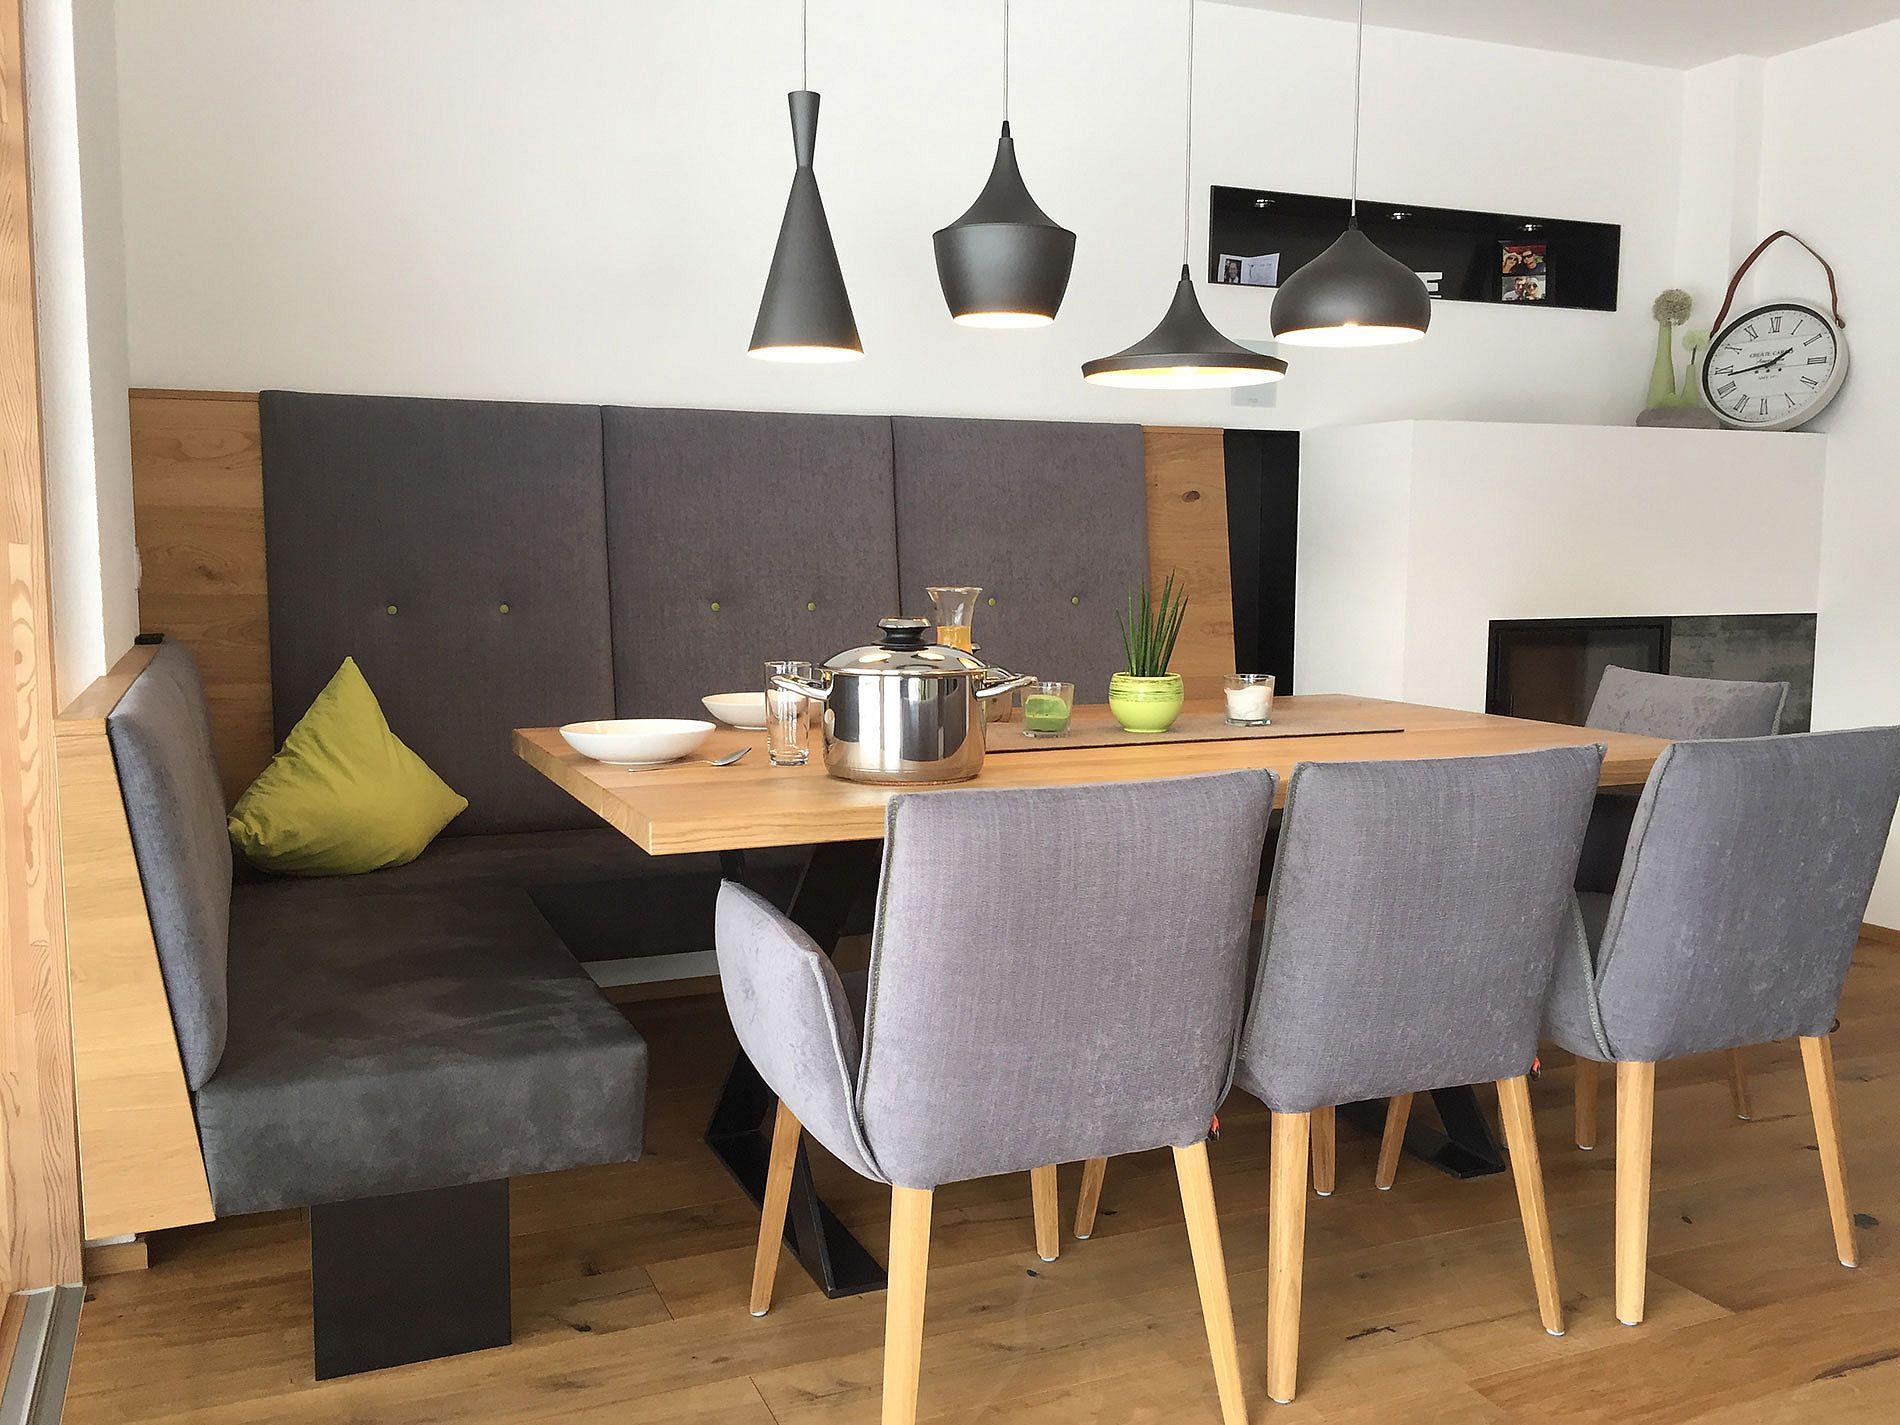 Wohnzimmer   Täfelung   Zirbendecken   Wohnwand   Tischlerei Klotz    Qualität Nach Maß